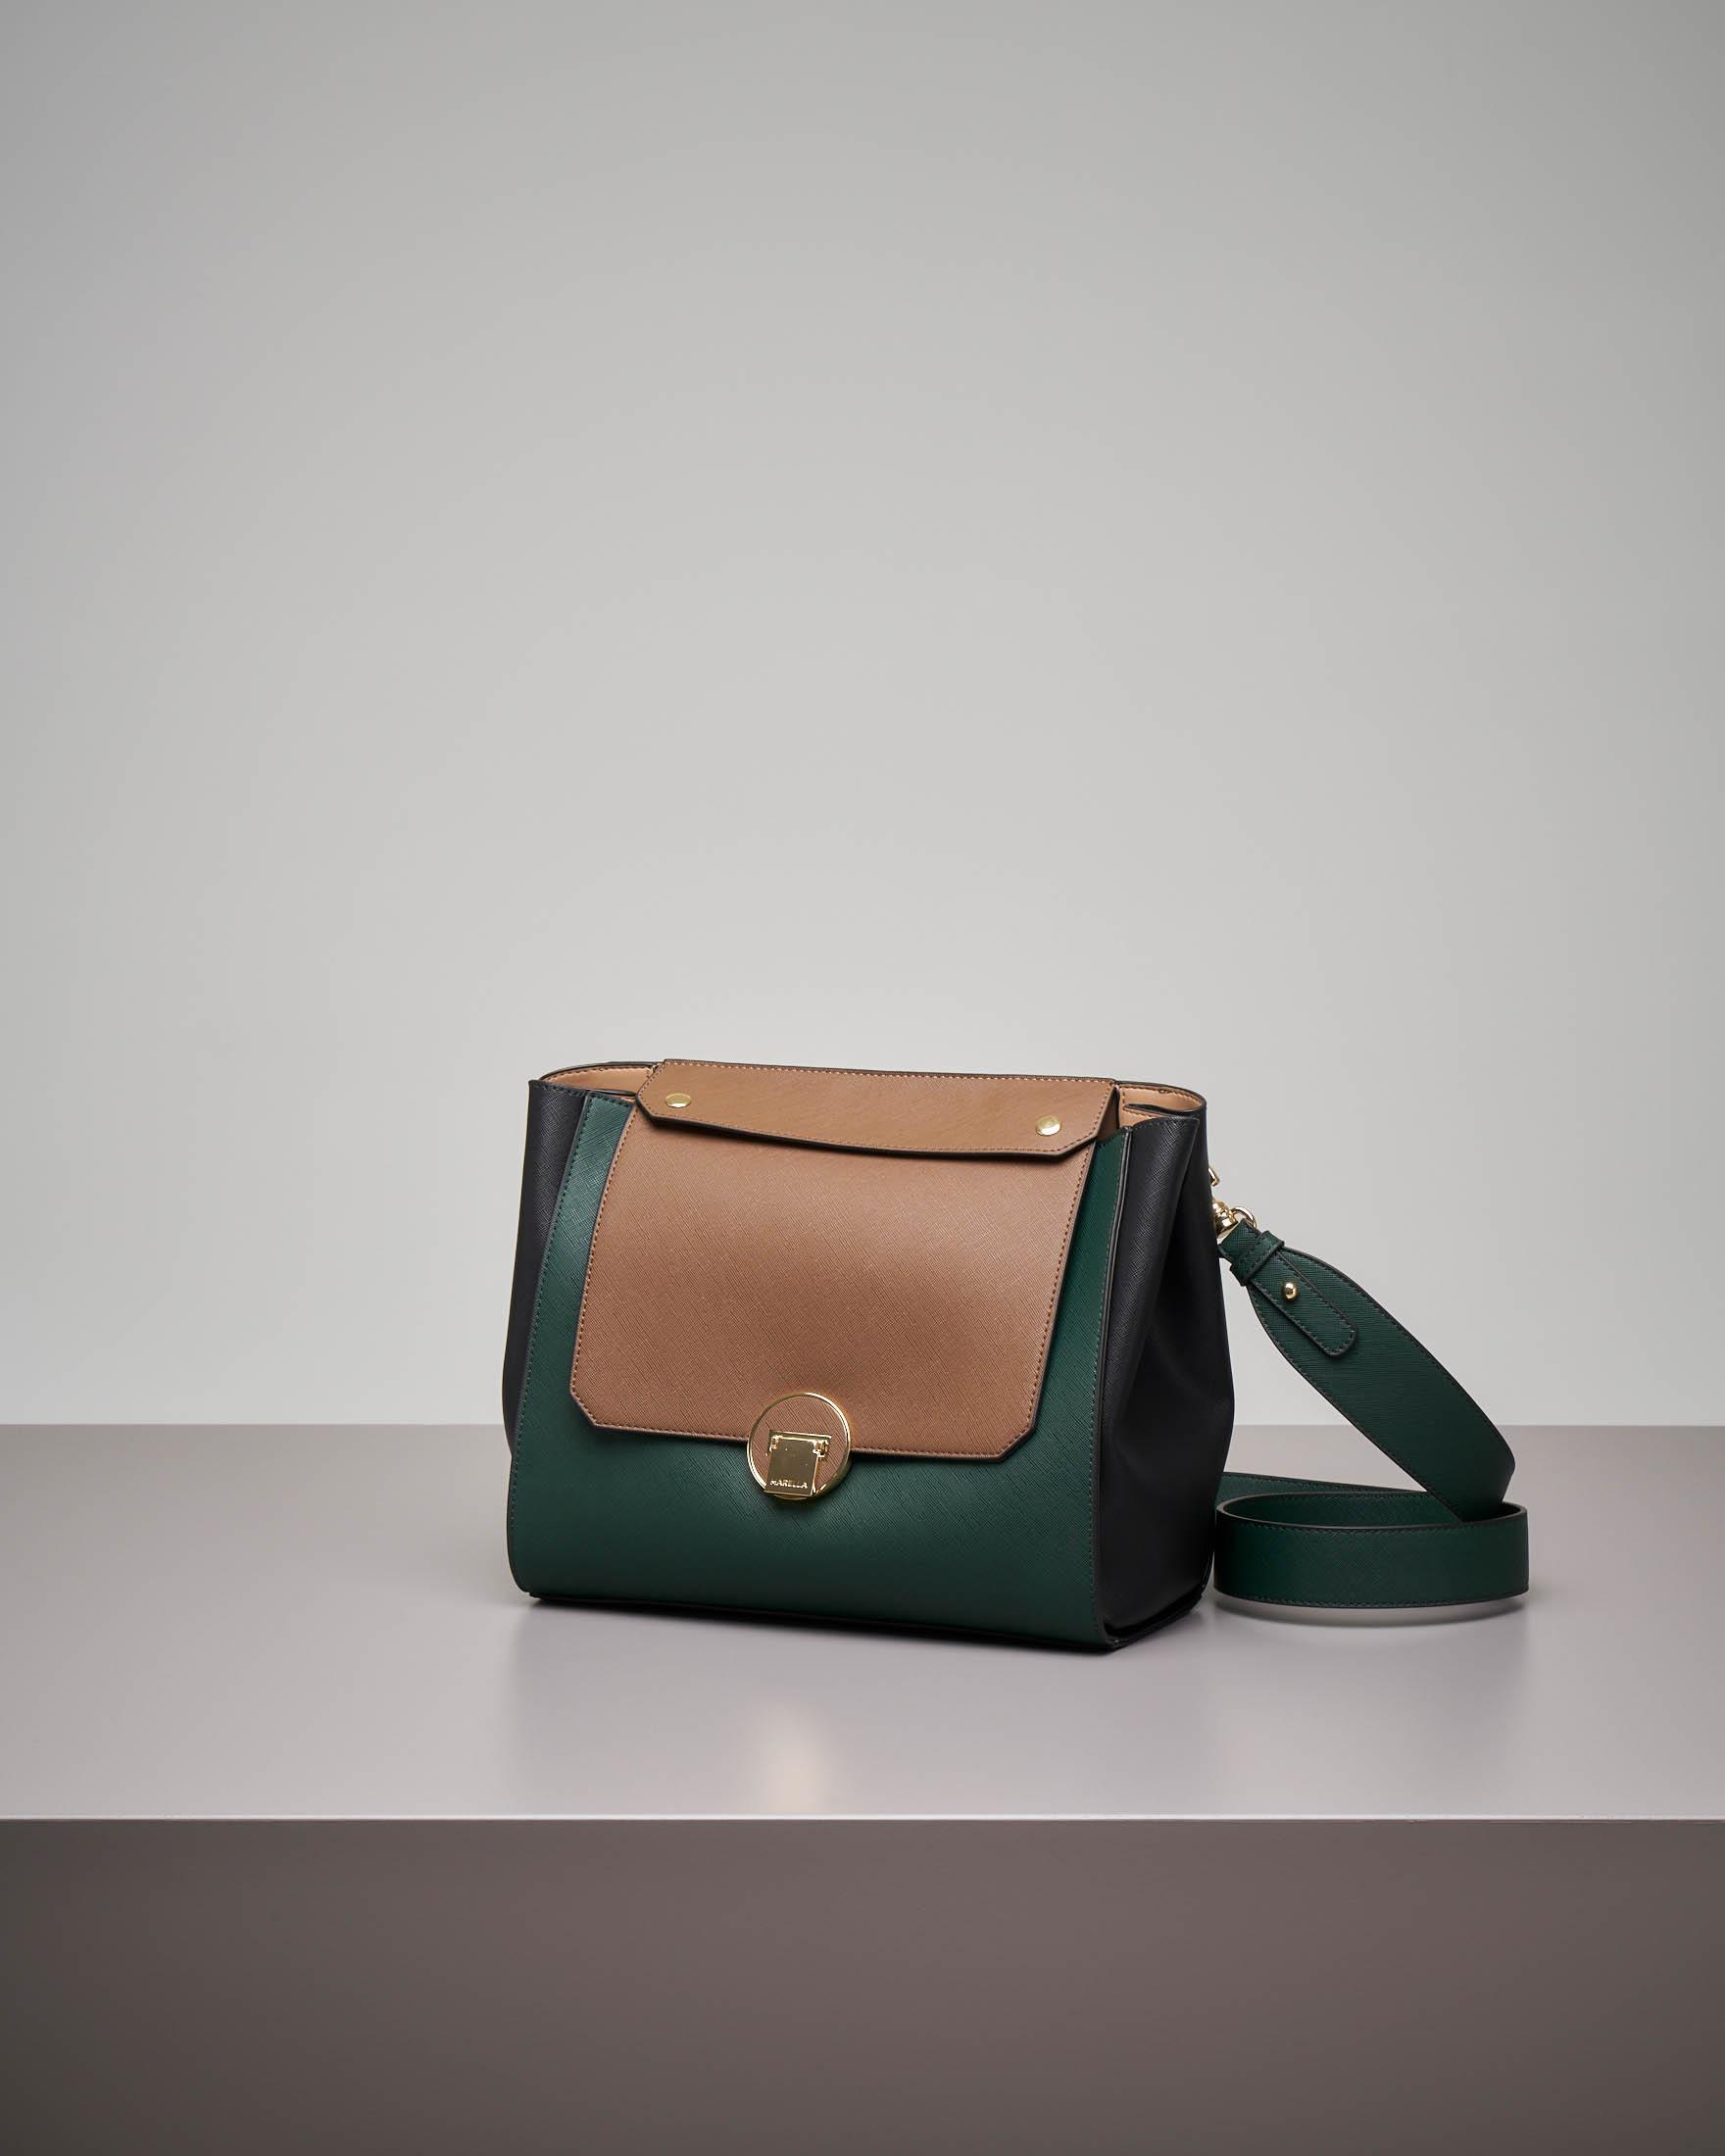 Borsa verde misura media con patta intercambiabile beige e trapuntata tono su tono.